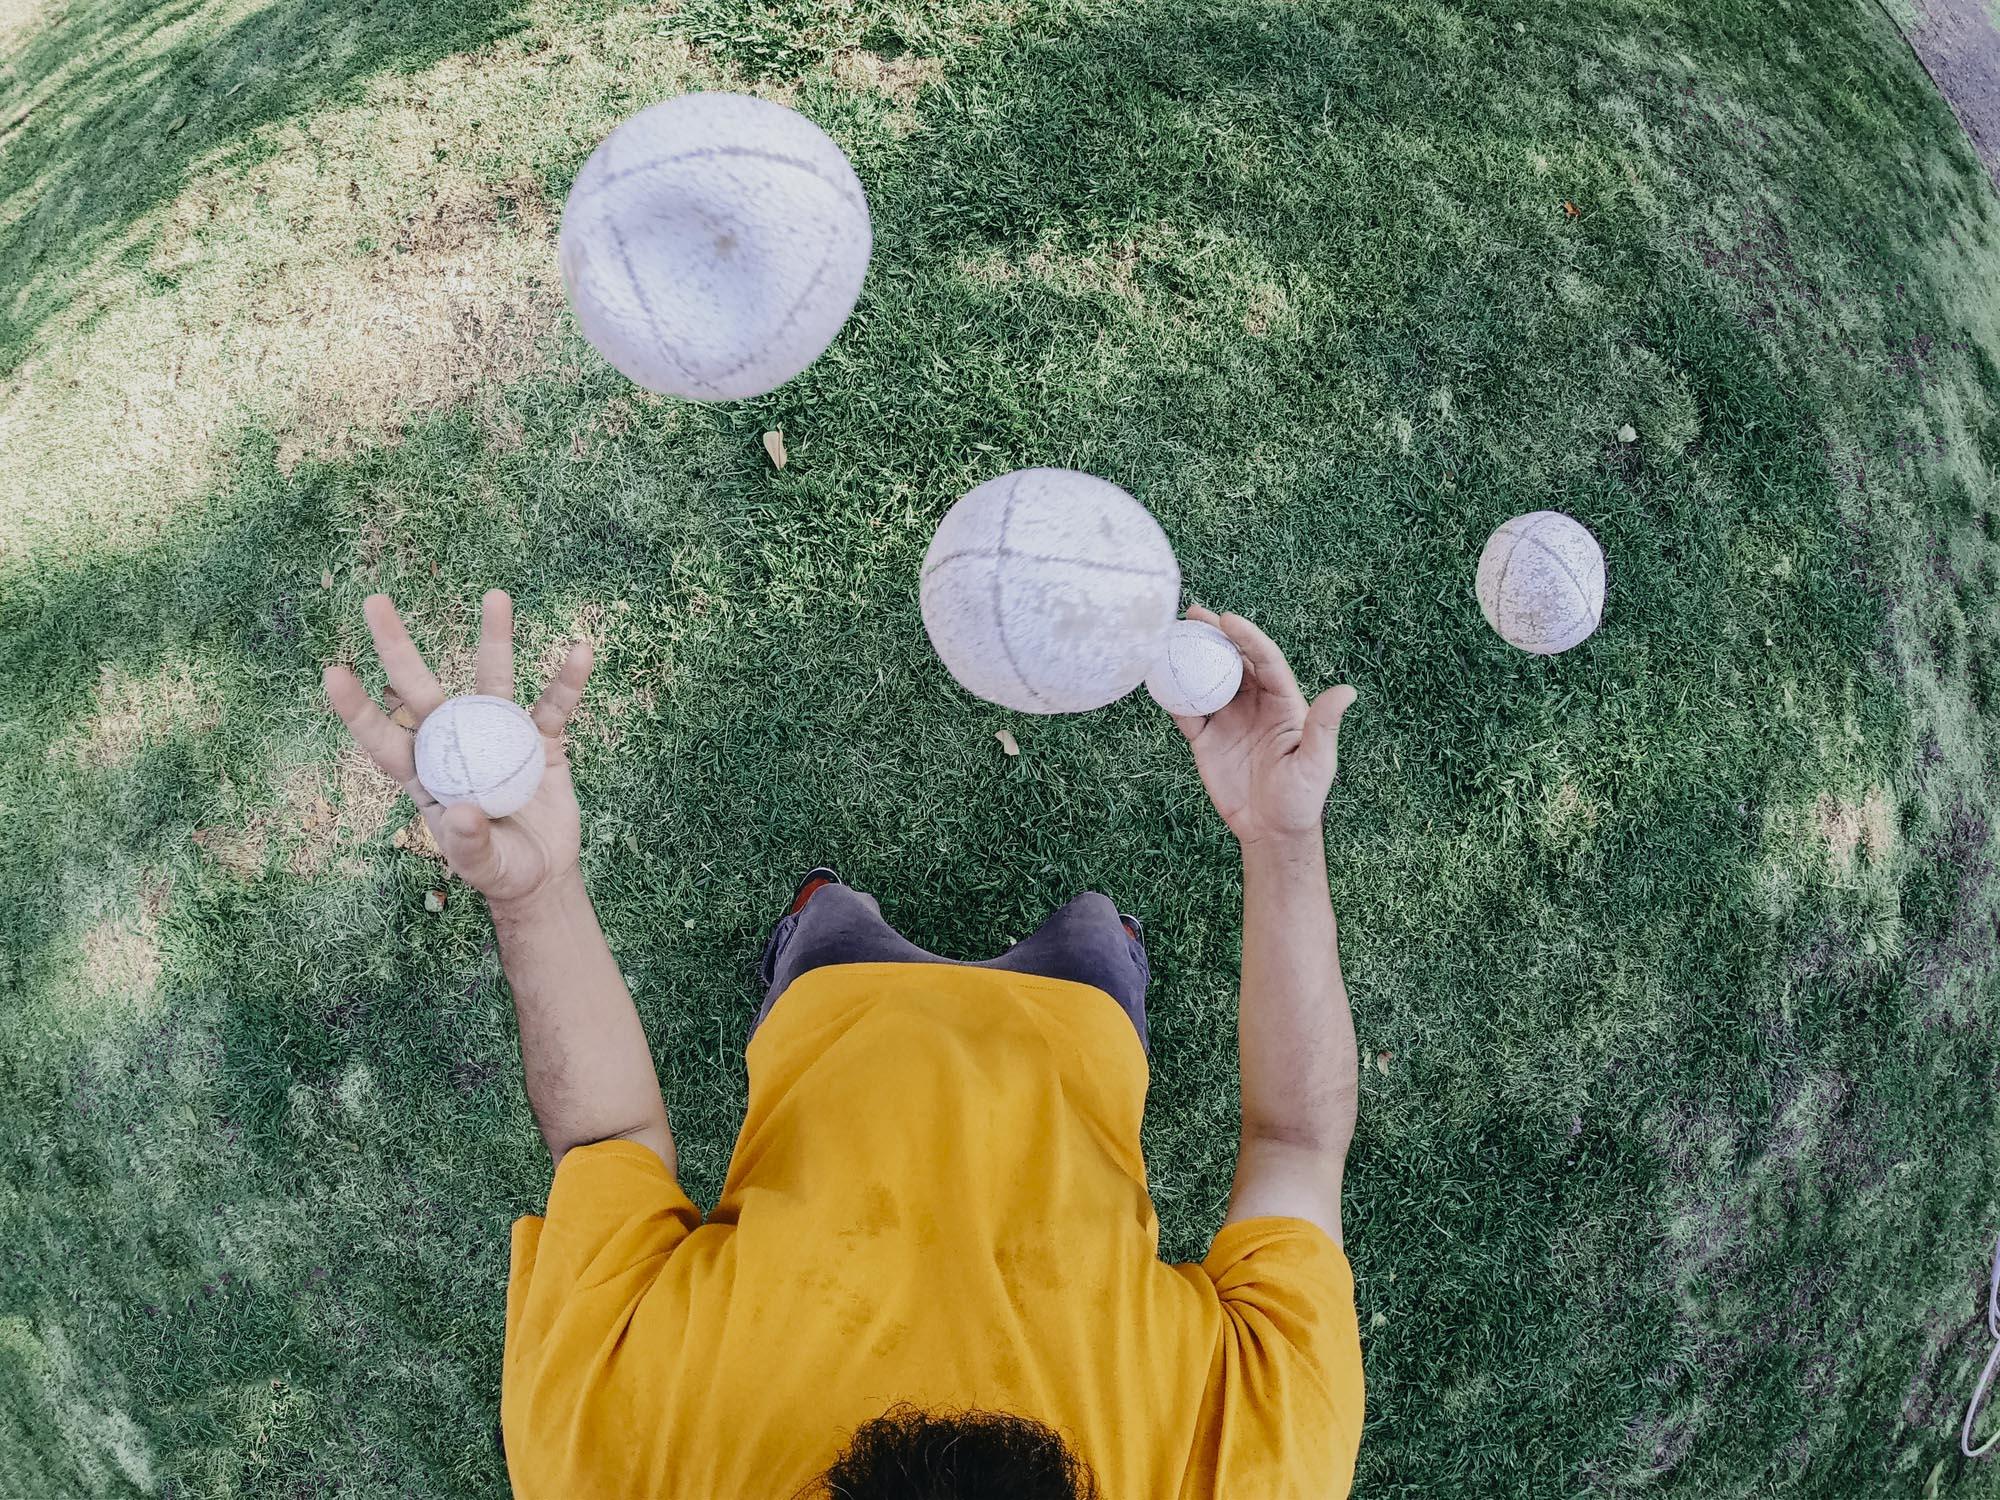 Ballen in de lucht houden